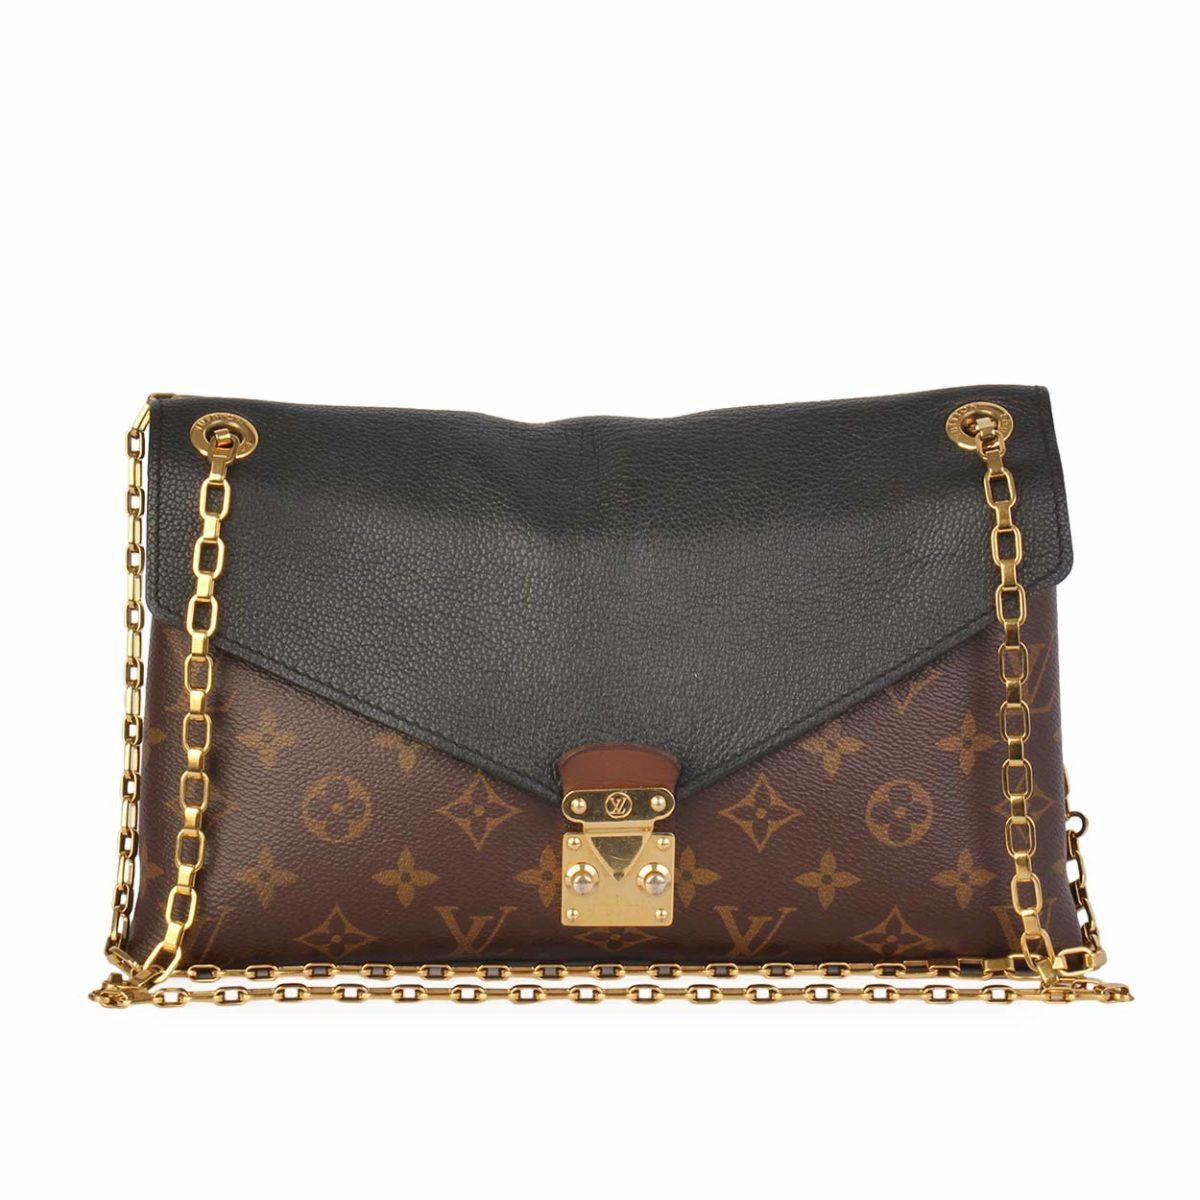 d459de3896c6 LOUIS VUITTON Monogram Pallas Chain Bag Black